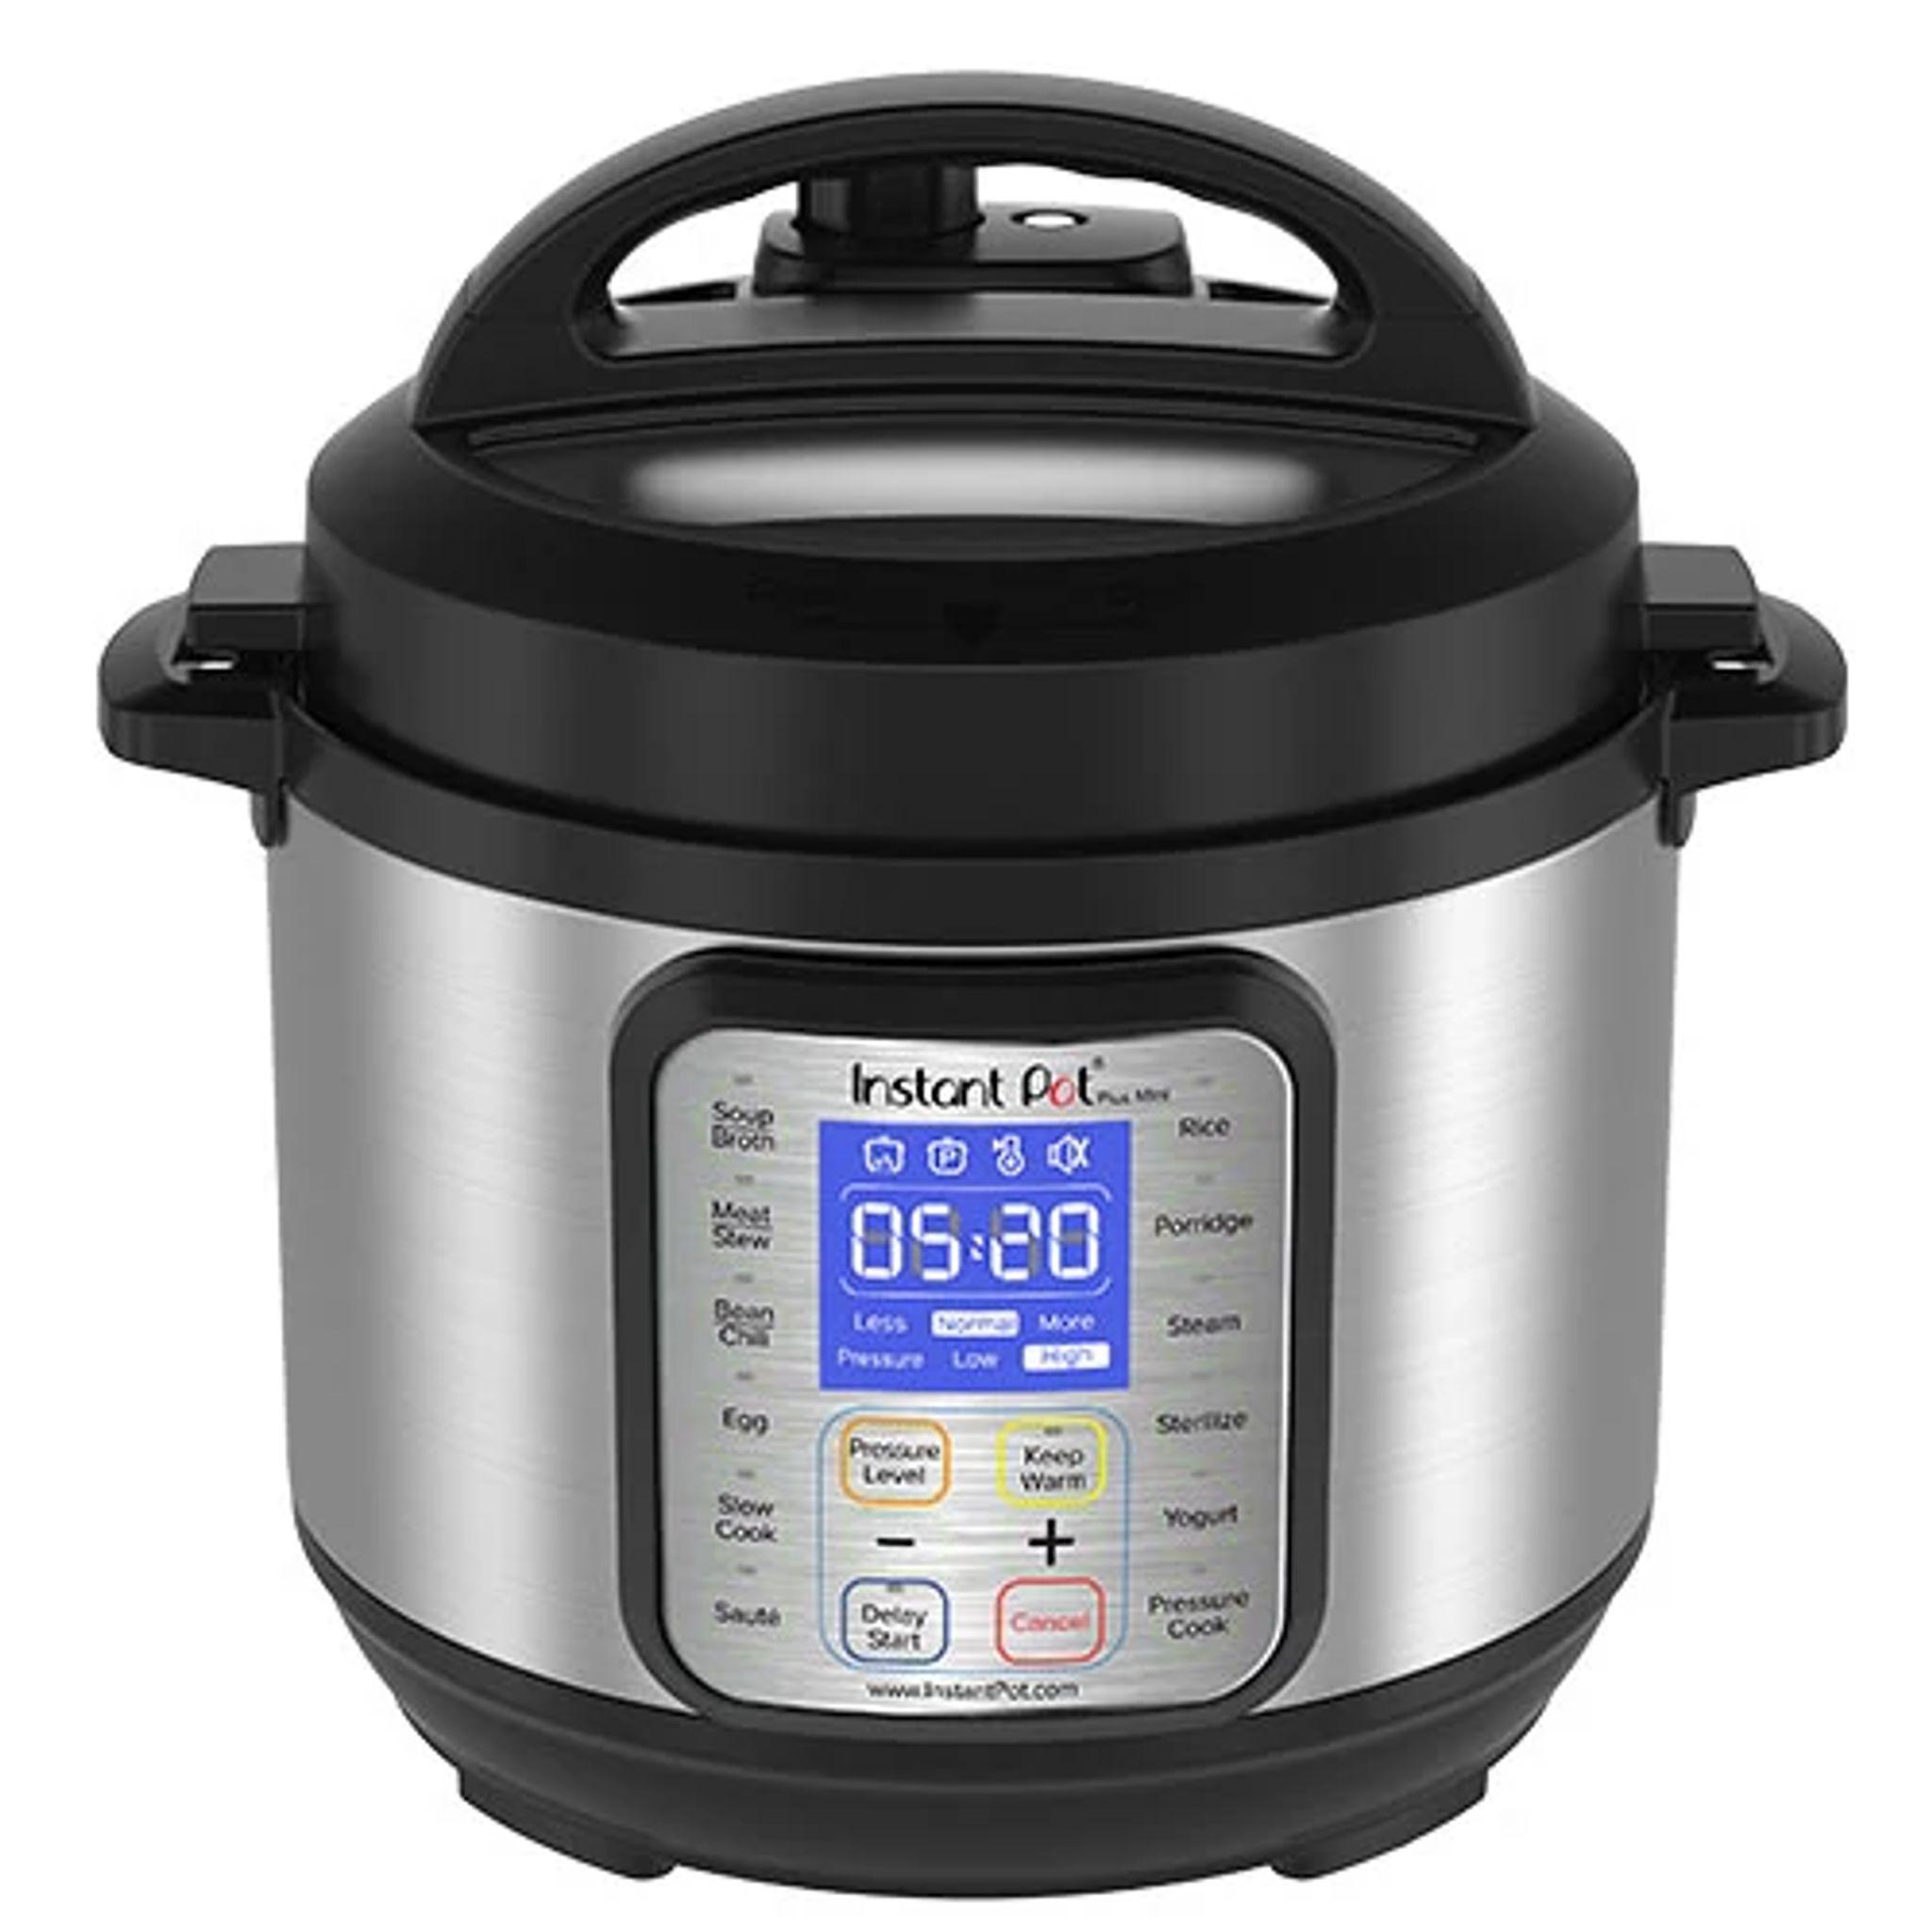 Instant Pot Duo Plus 3-quart Mini Multi-Use Pressure Cooker